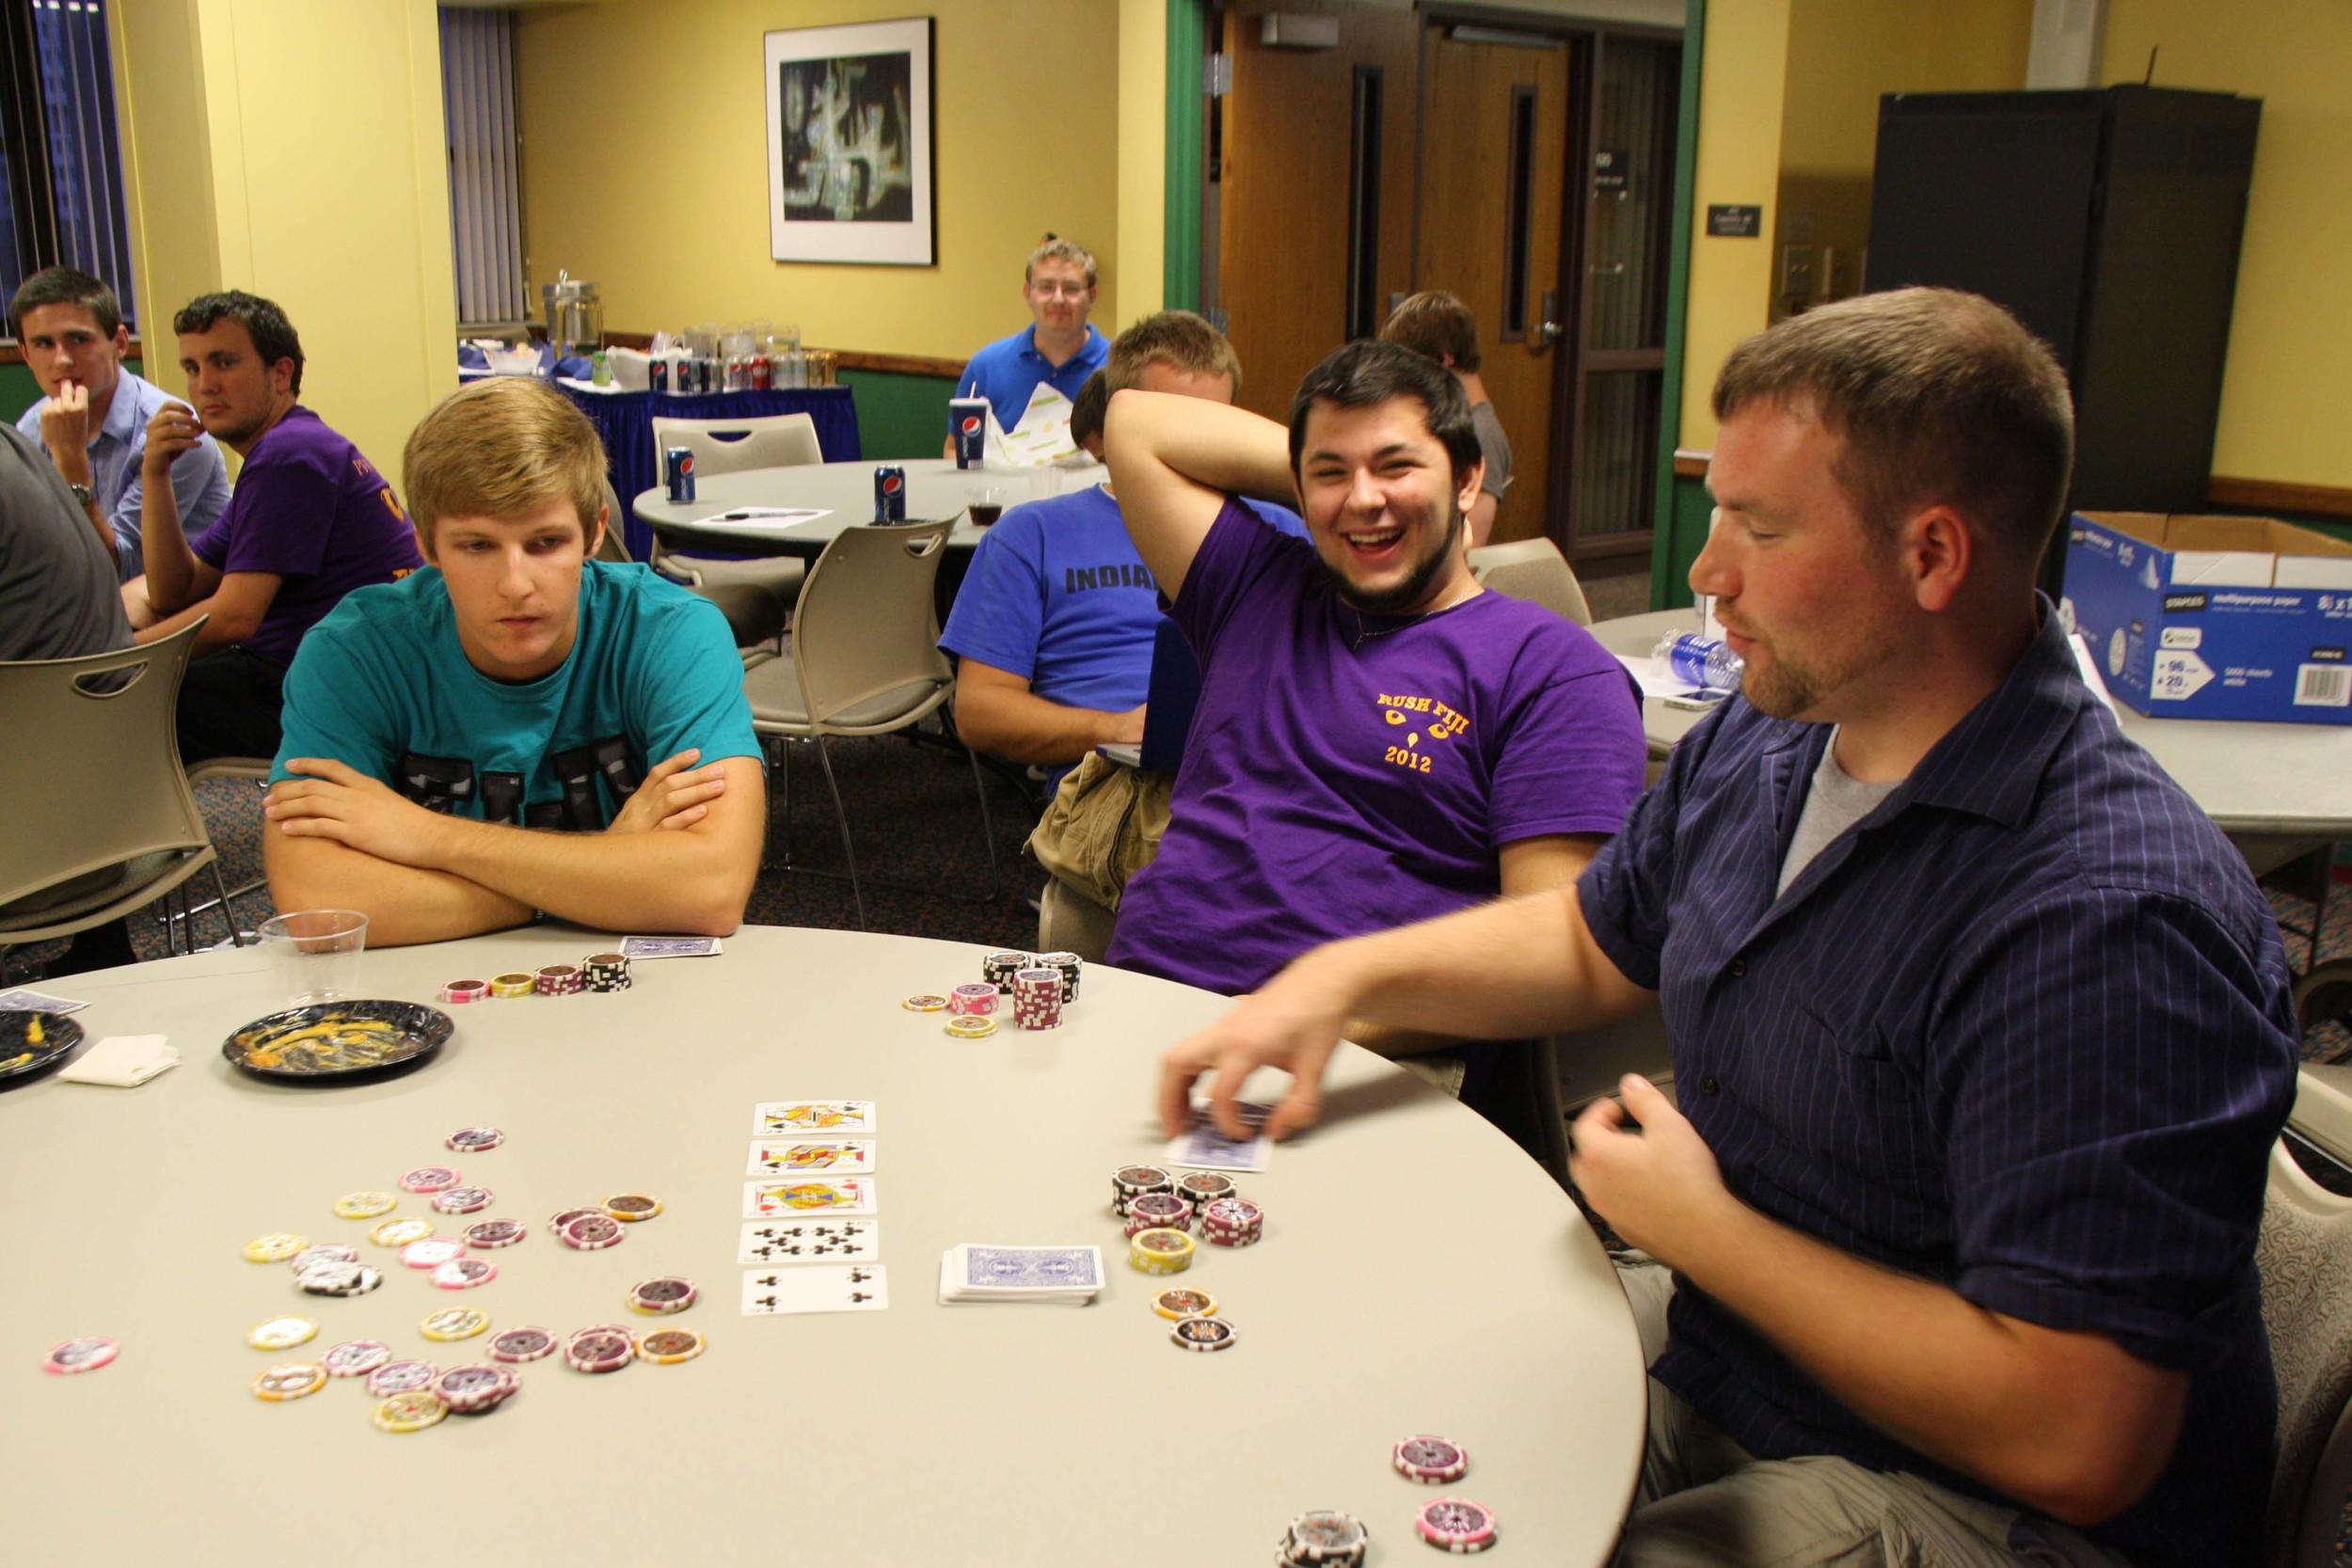 ISU Poker Recruitment Function - September 14, 2012 (Image 020).jpg